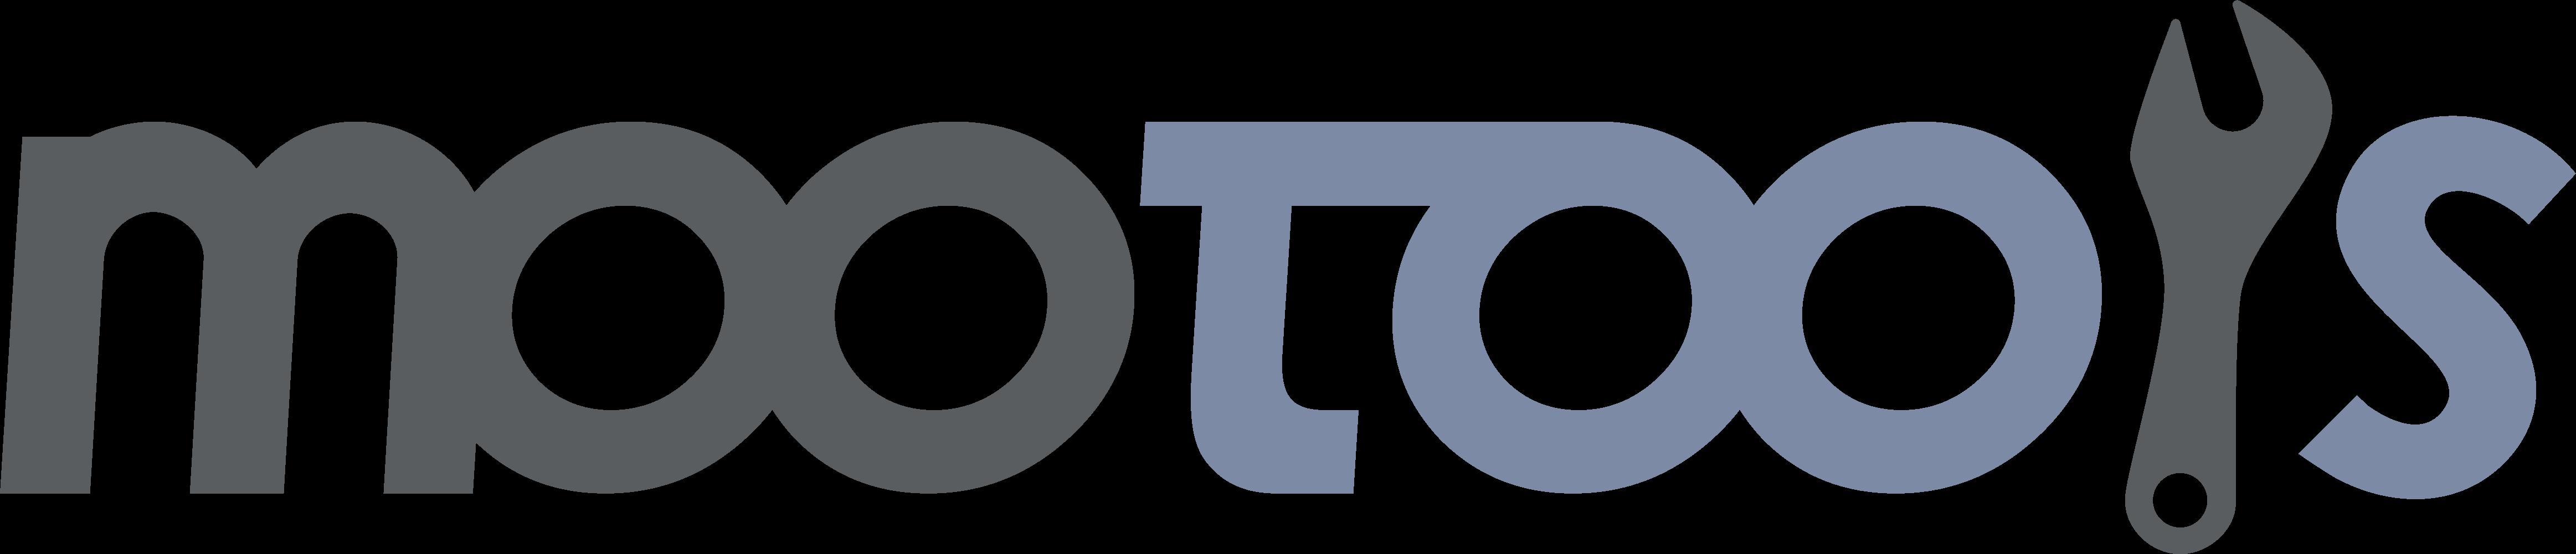 Logo del framework Mootools.